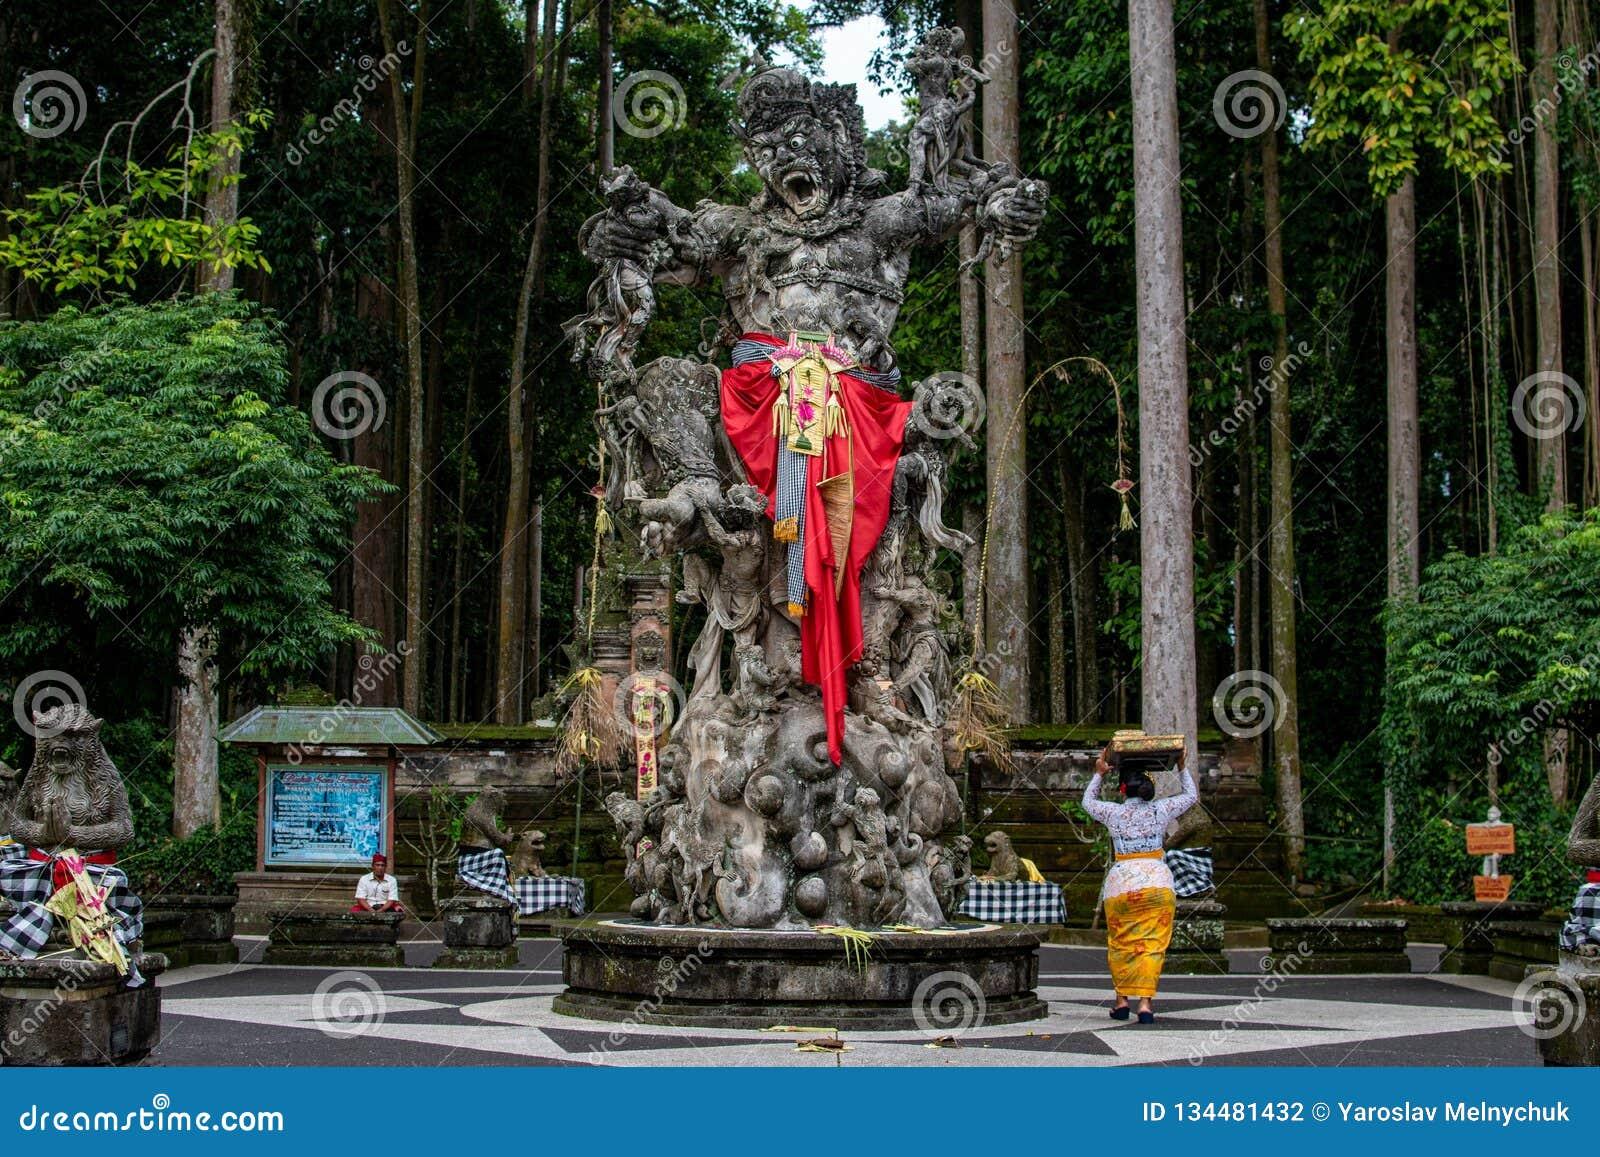 Шествие красивых балийских женщин в традиционных костюмах - саронг, идя к индусской церемонии около большого памятника демона